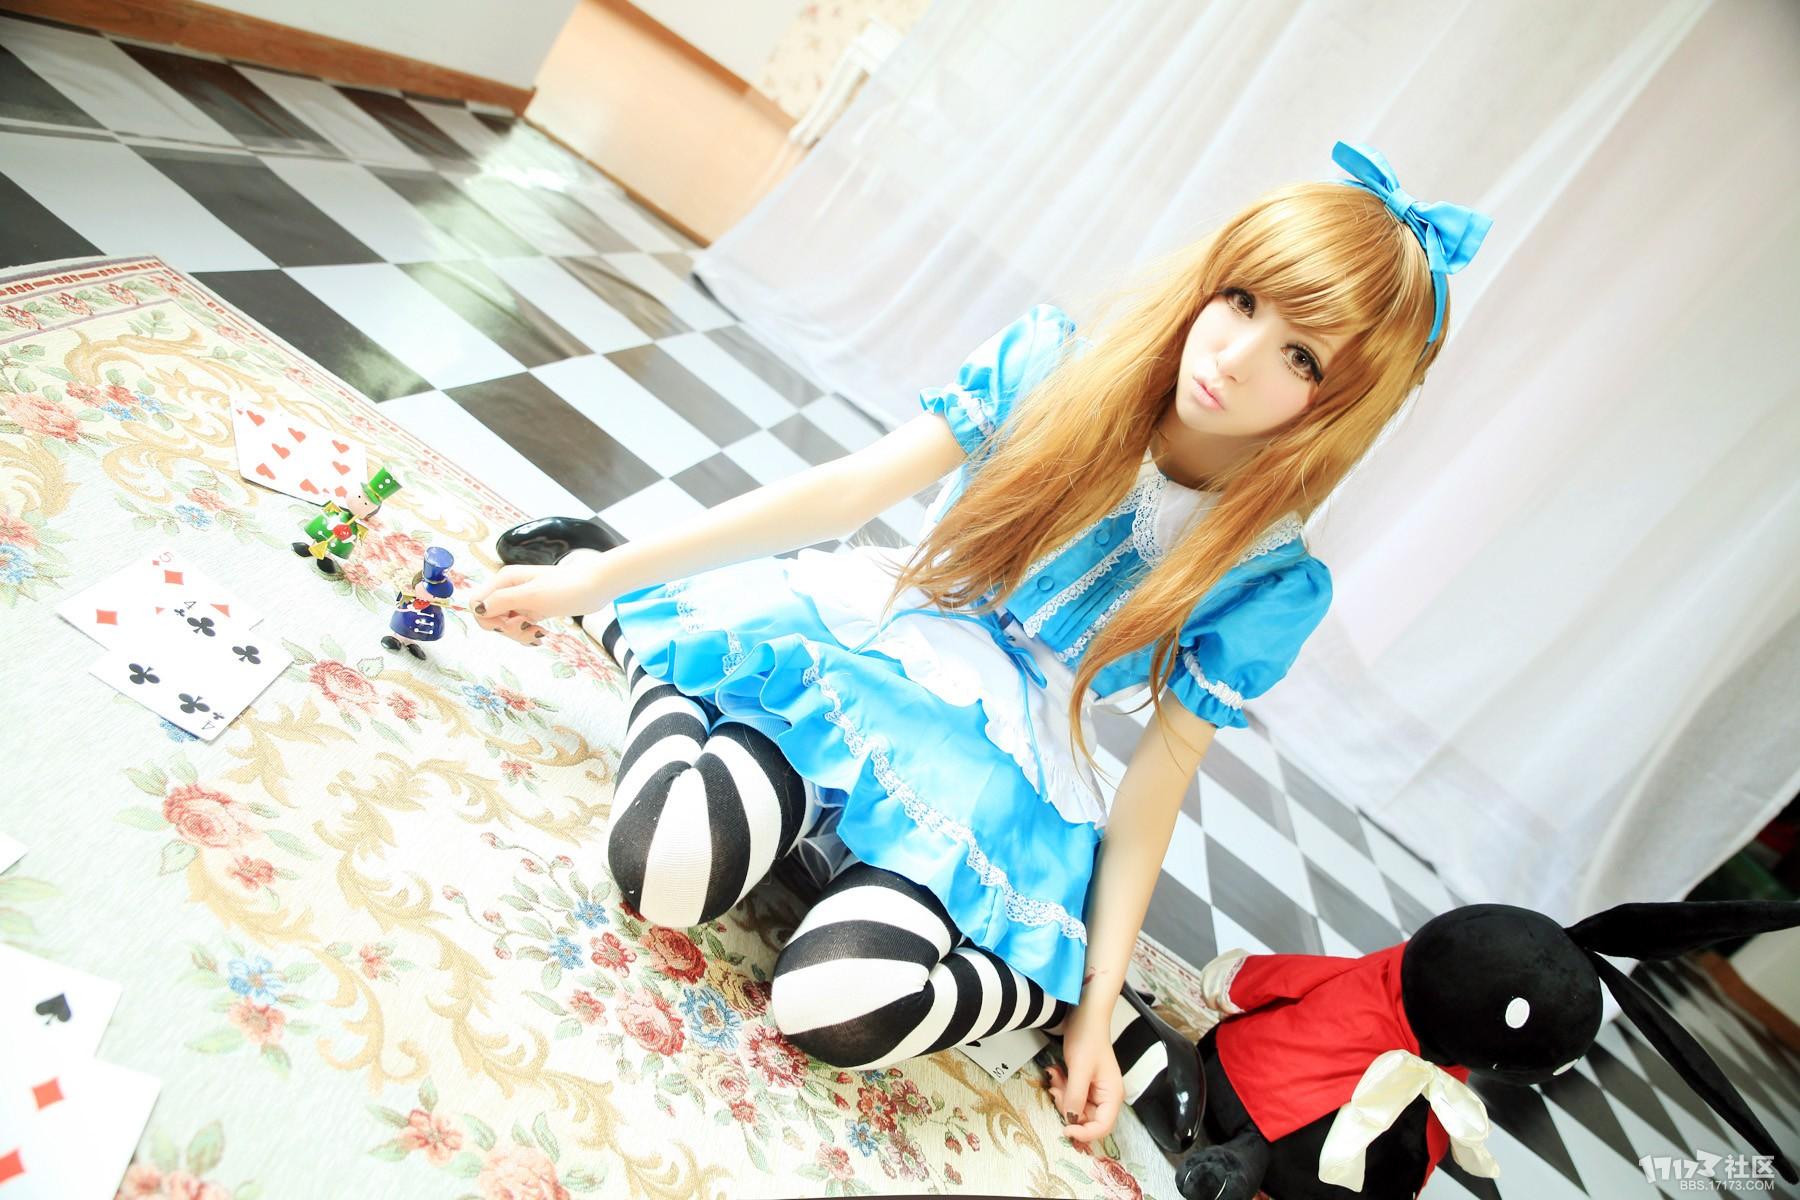 【osk39】天然呆的魔法少女小爱《爱丽丝梦游仙境 爱丽丝》